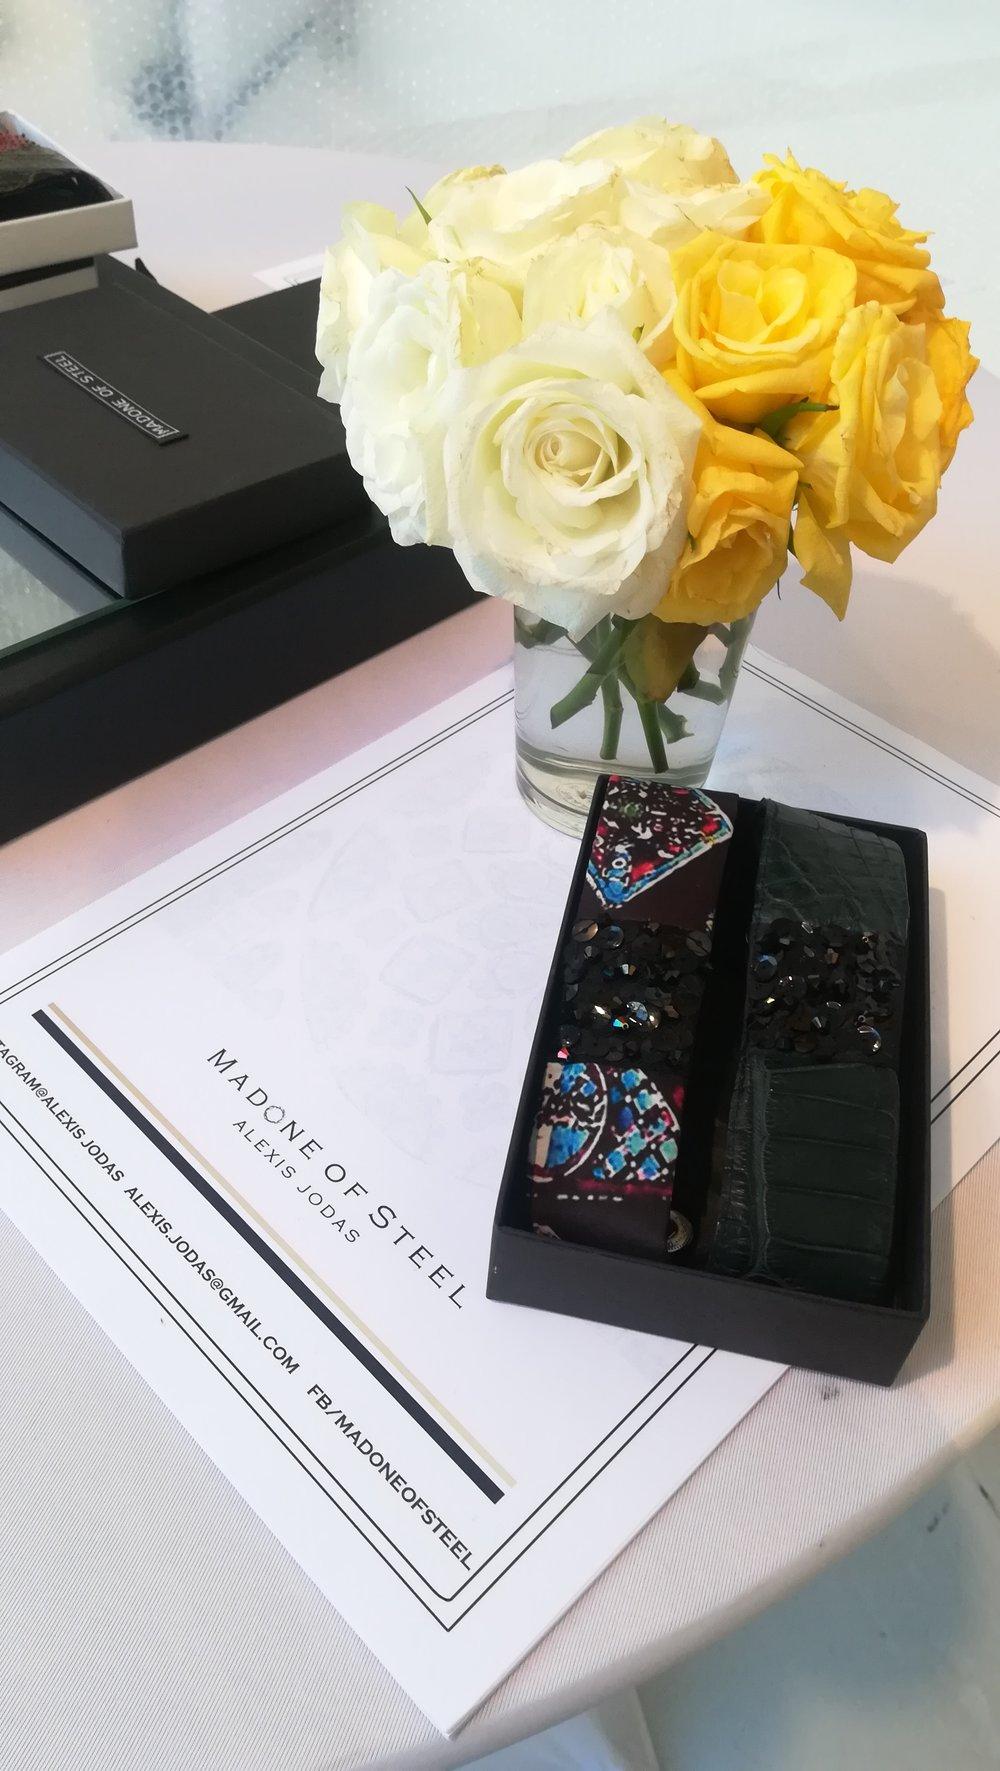 Accessoires bracelets cuirs et Swarovski Alexis JODAS version noir.jpg